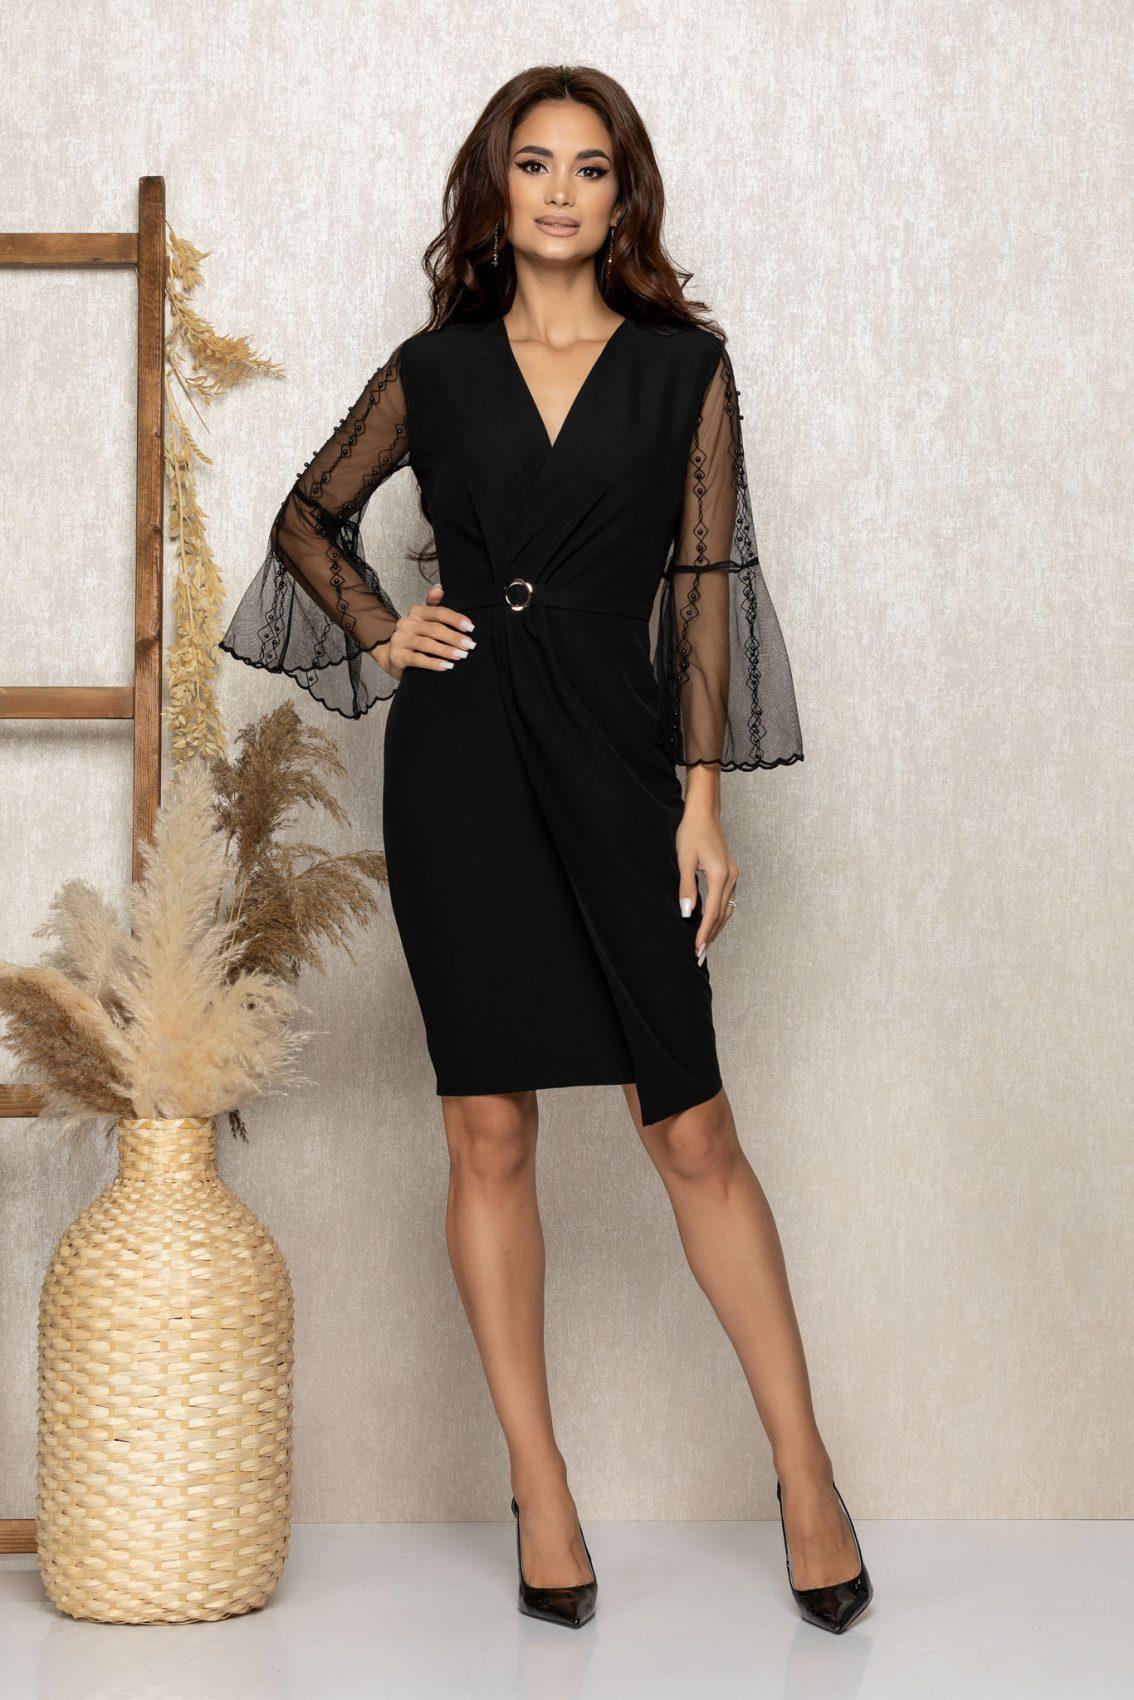 Μαύρο Κρουαζέ Βραδινό Φόρεμα Ynna T264 1